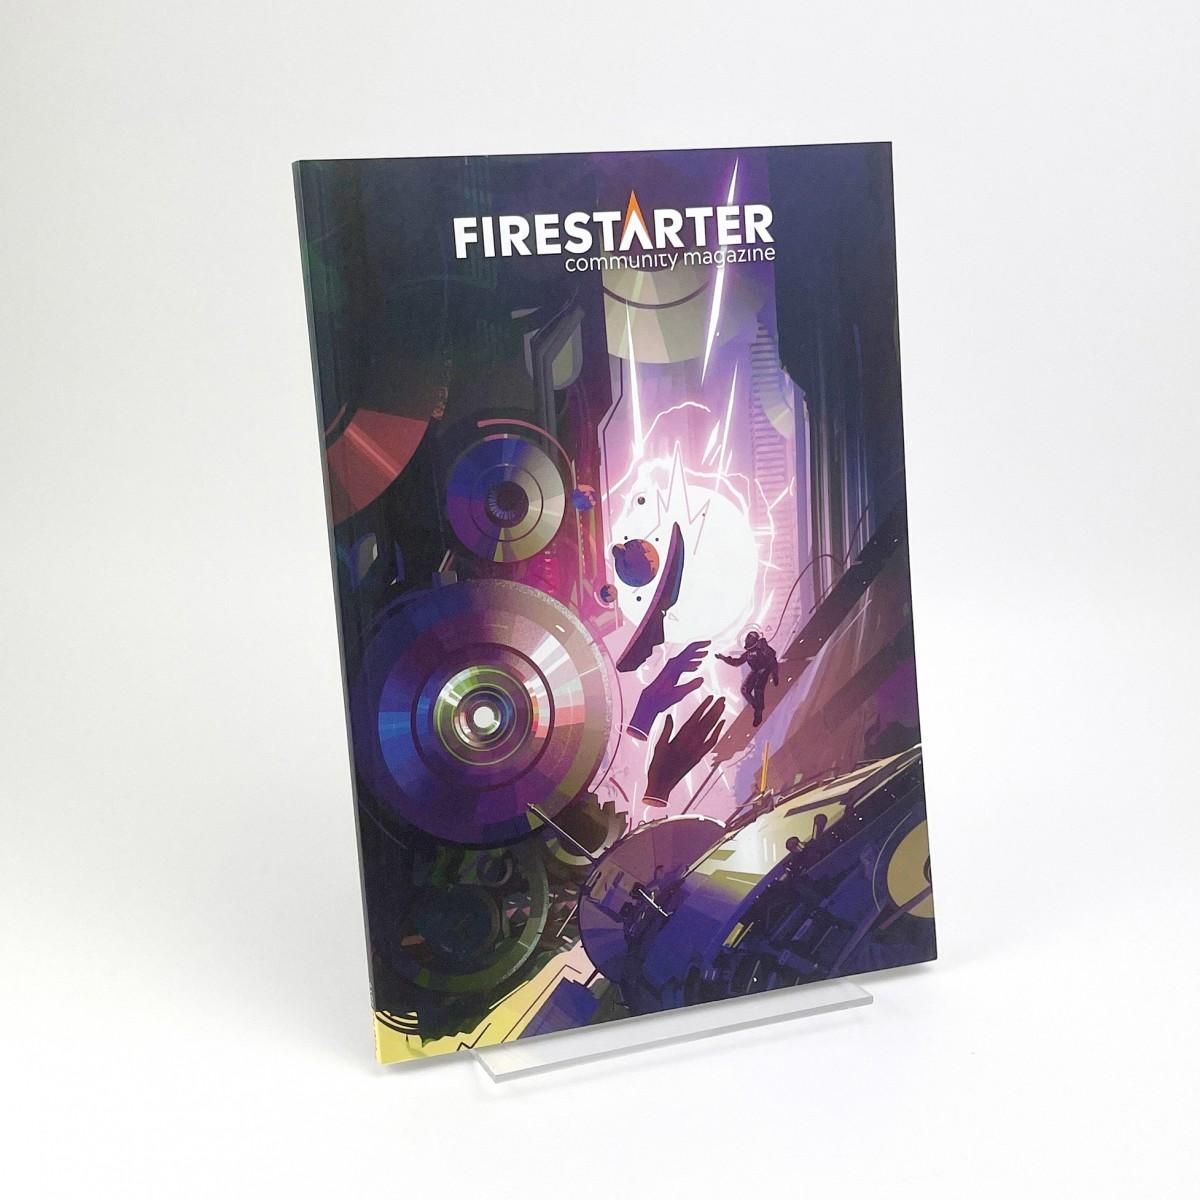 FIRESTARTER n°6 - Community Magazine